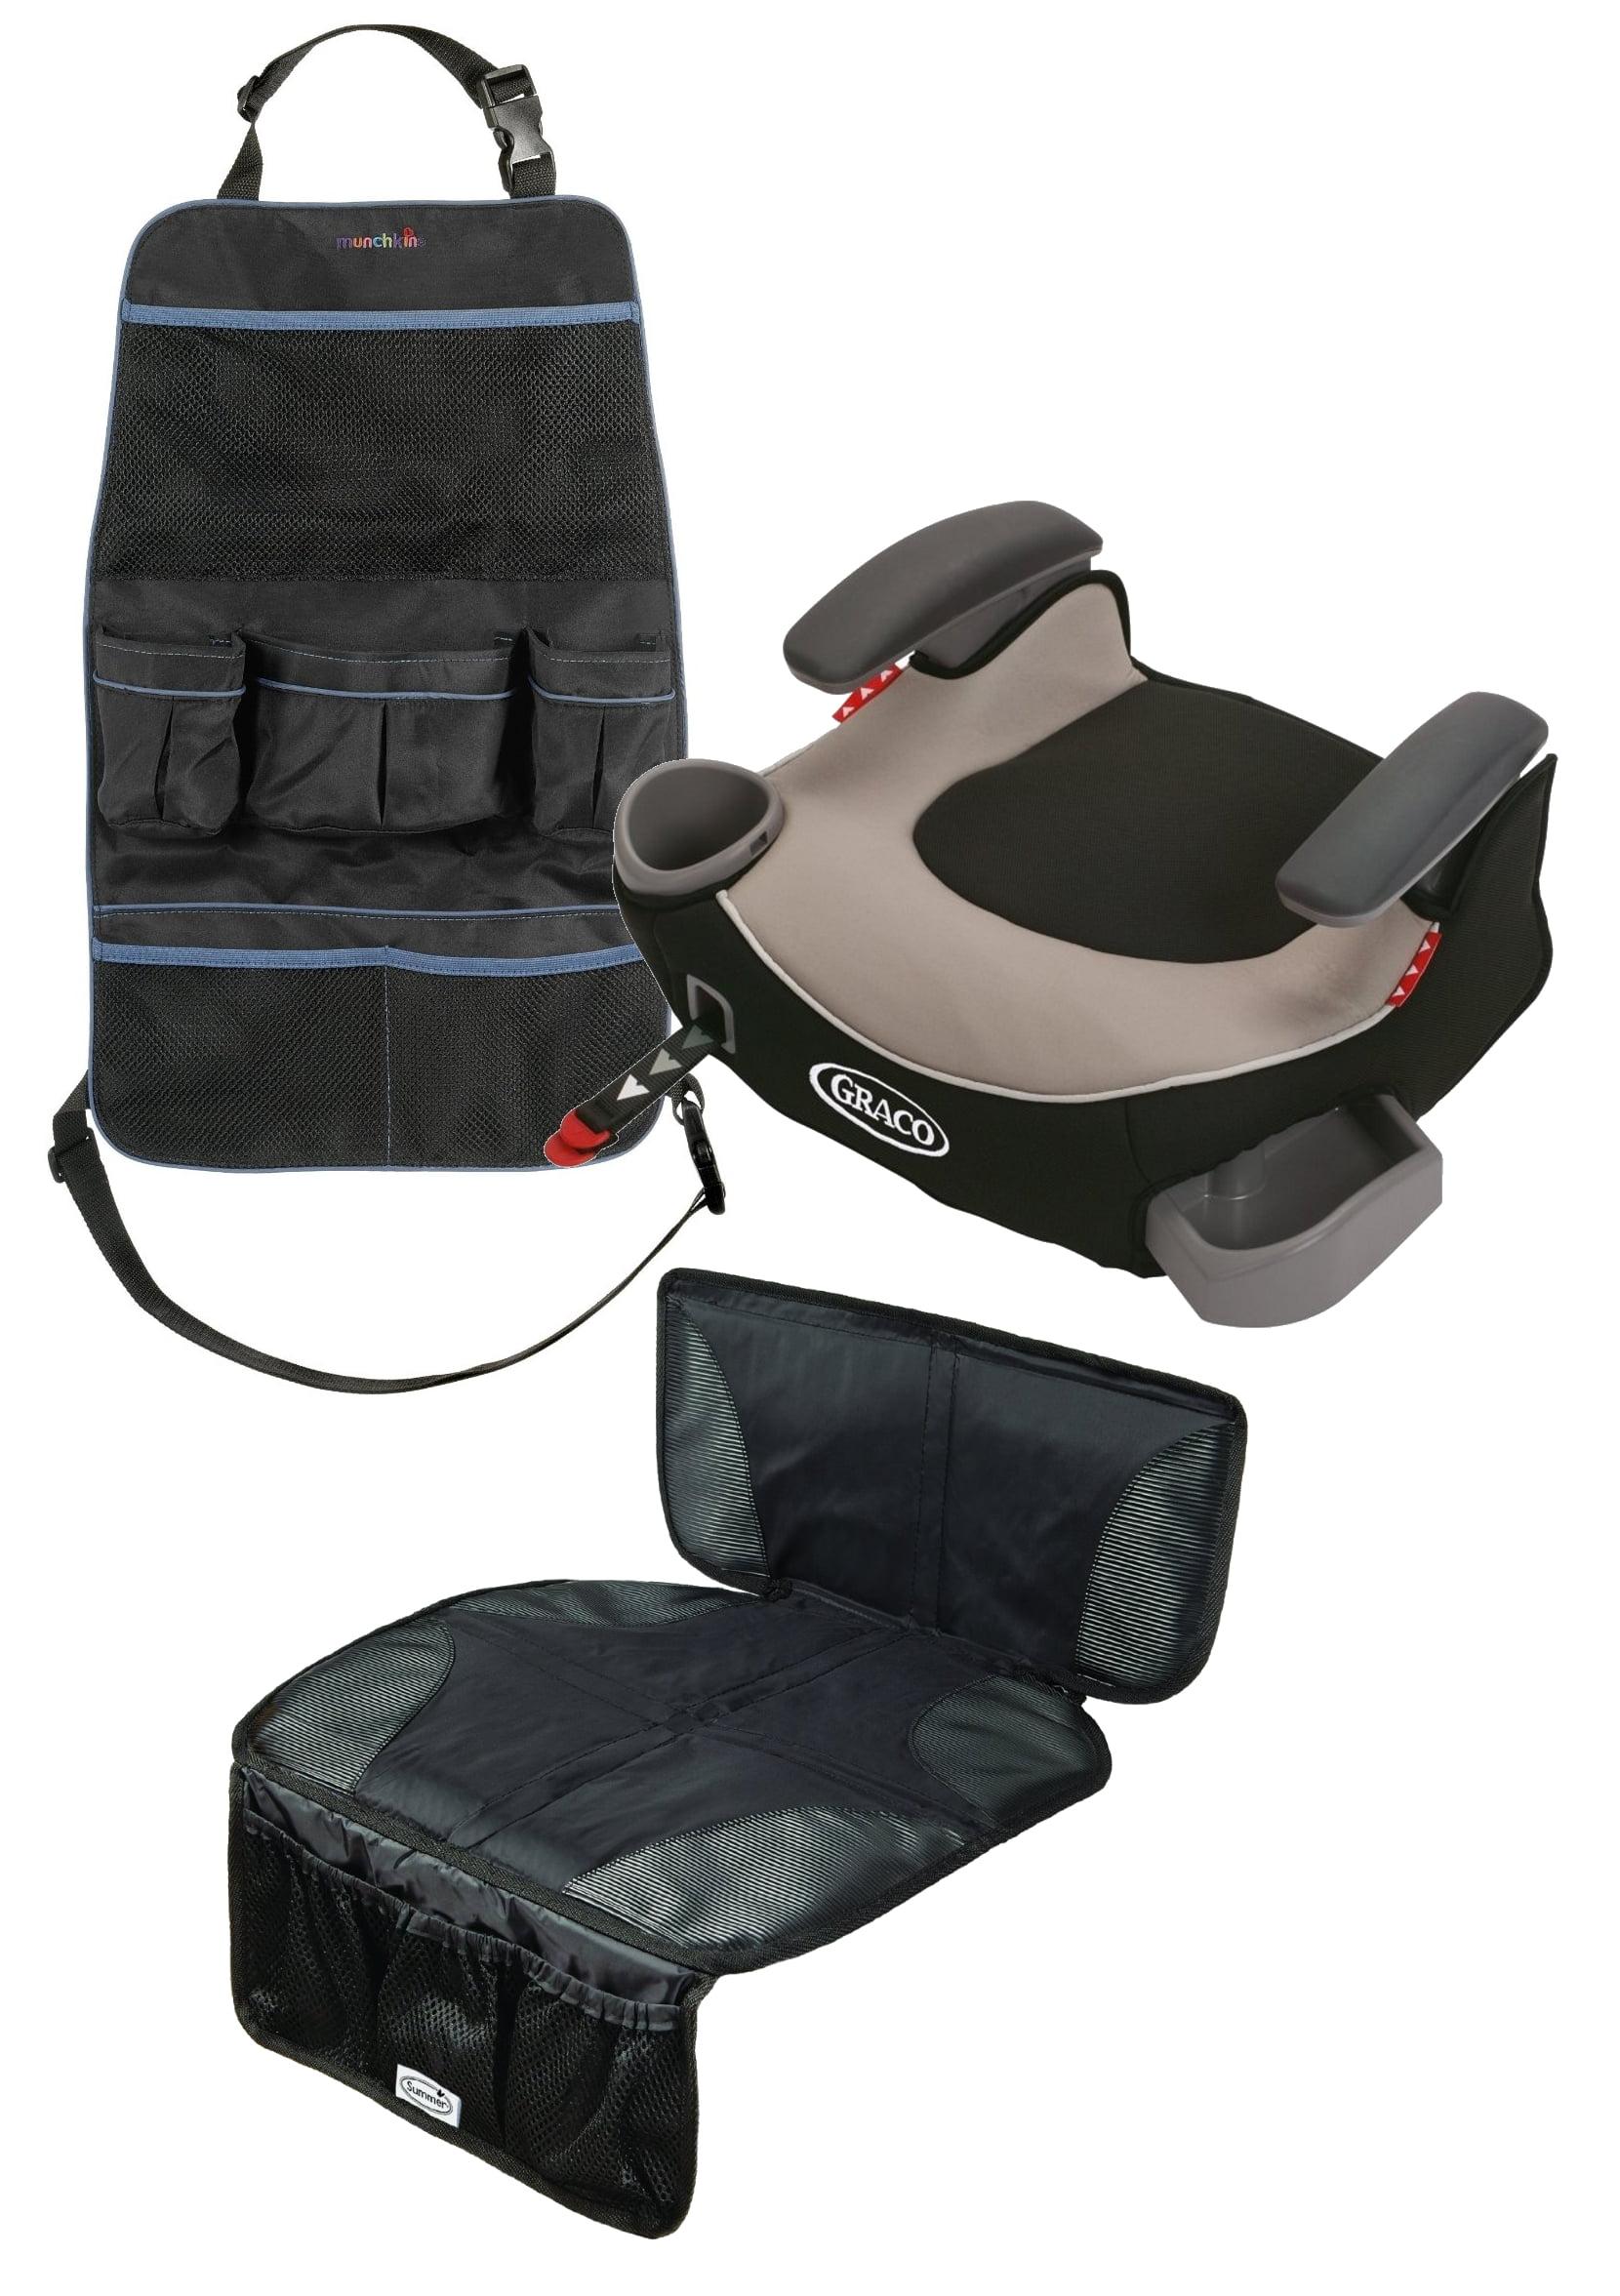 Silla De Carro Para Bebe Afijo de Graco Booster sin respaldo asiento con asiento trasero Mat organizador, Pierce + Graco en Veo y Compro